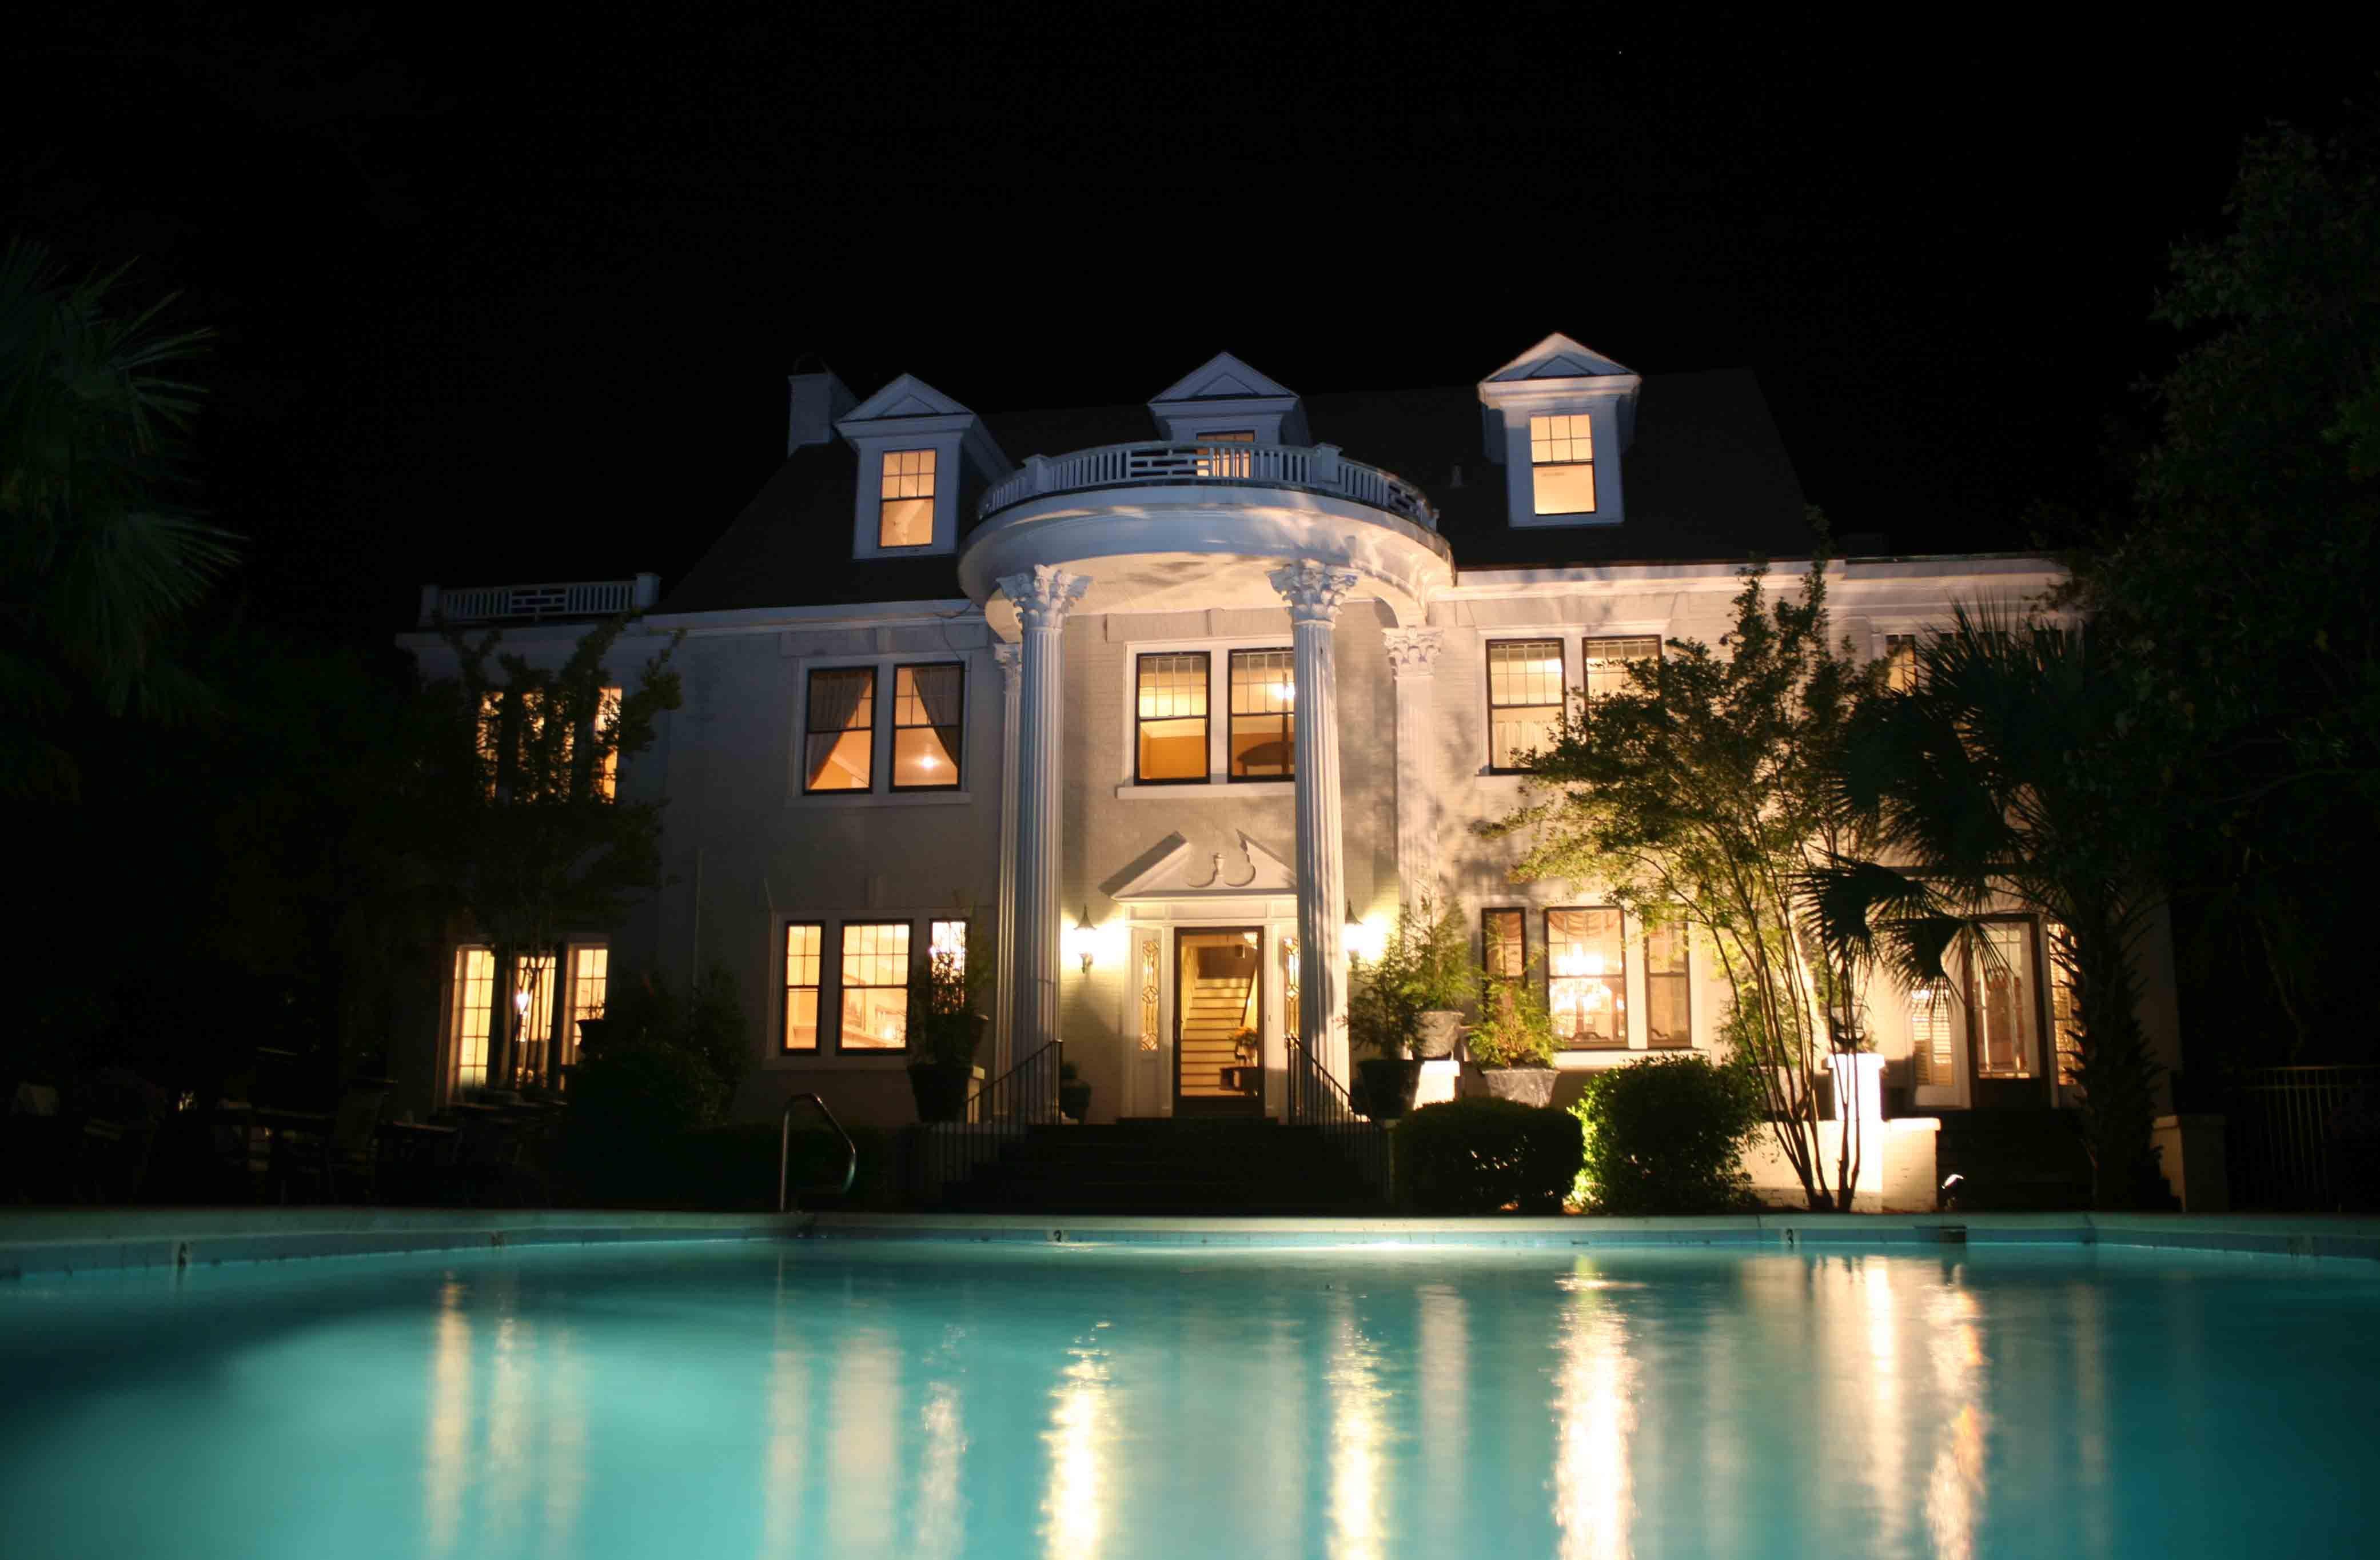 North beach plantation weddings  Wedding Venue u Vacation Rental Homes in New Bern NC Wedding